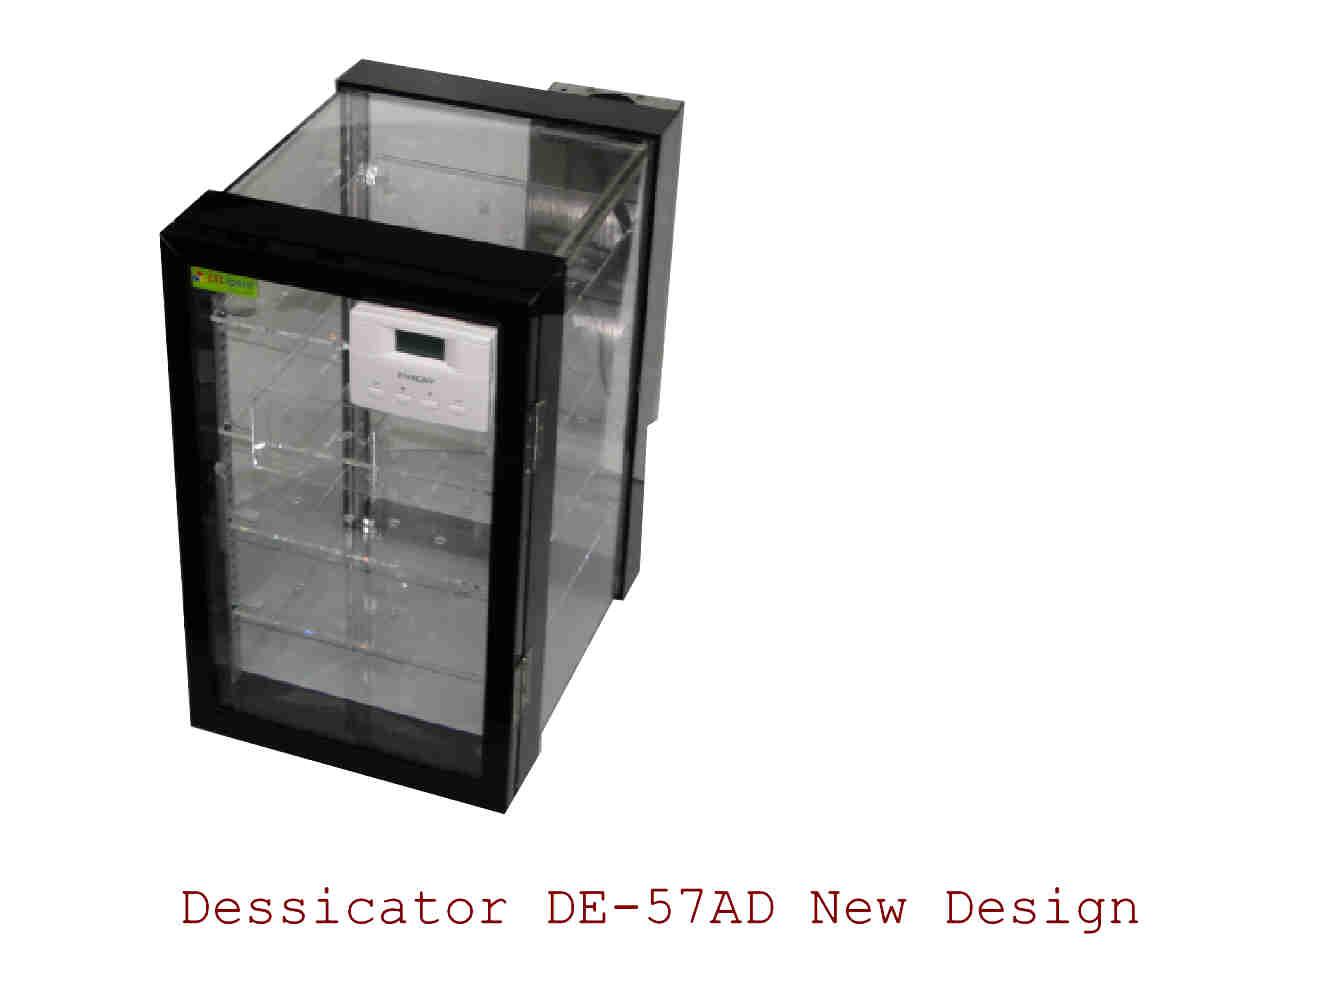 ตู้ควบคุมความชื้น  Desiccator cabinet รุ่น DE-57 AD ทำจากพลาสติก ขนาด57ลิตร ลดความชื้นได้ 40 RH 1